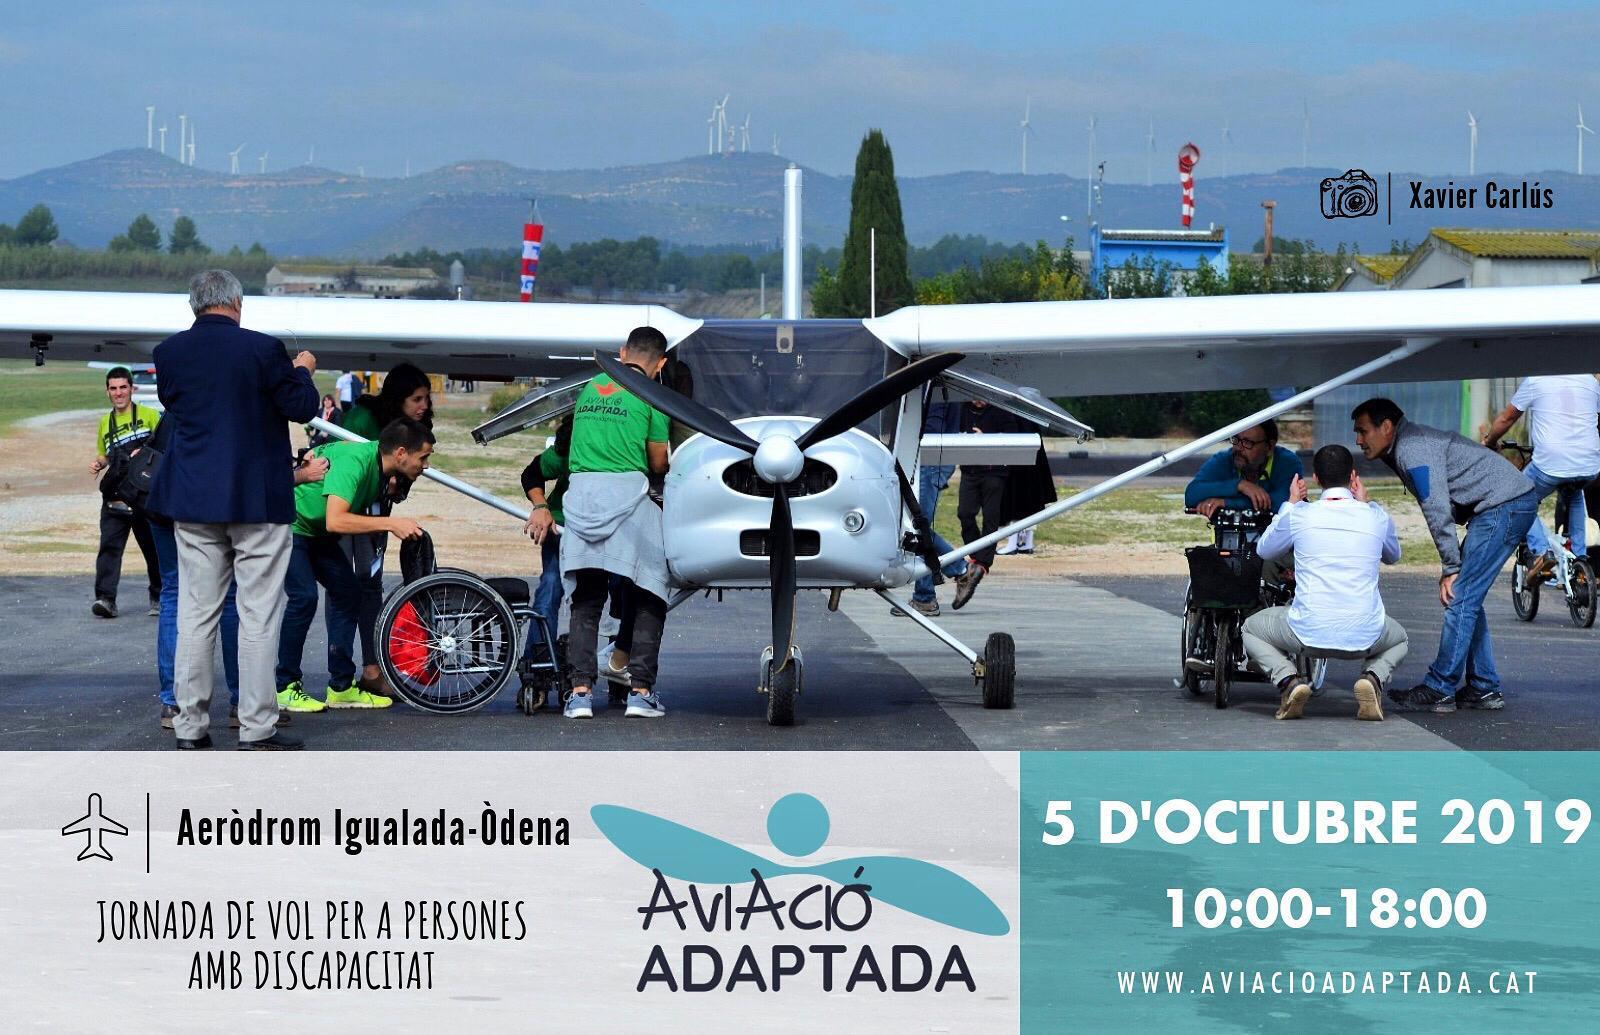 Jornada d'Aviació Adaptada